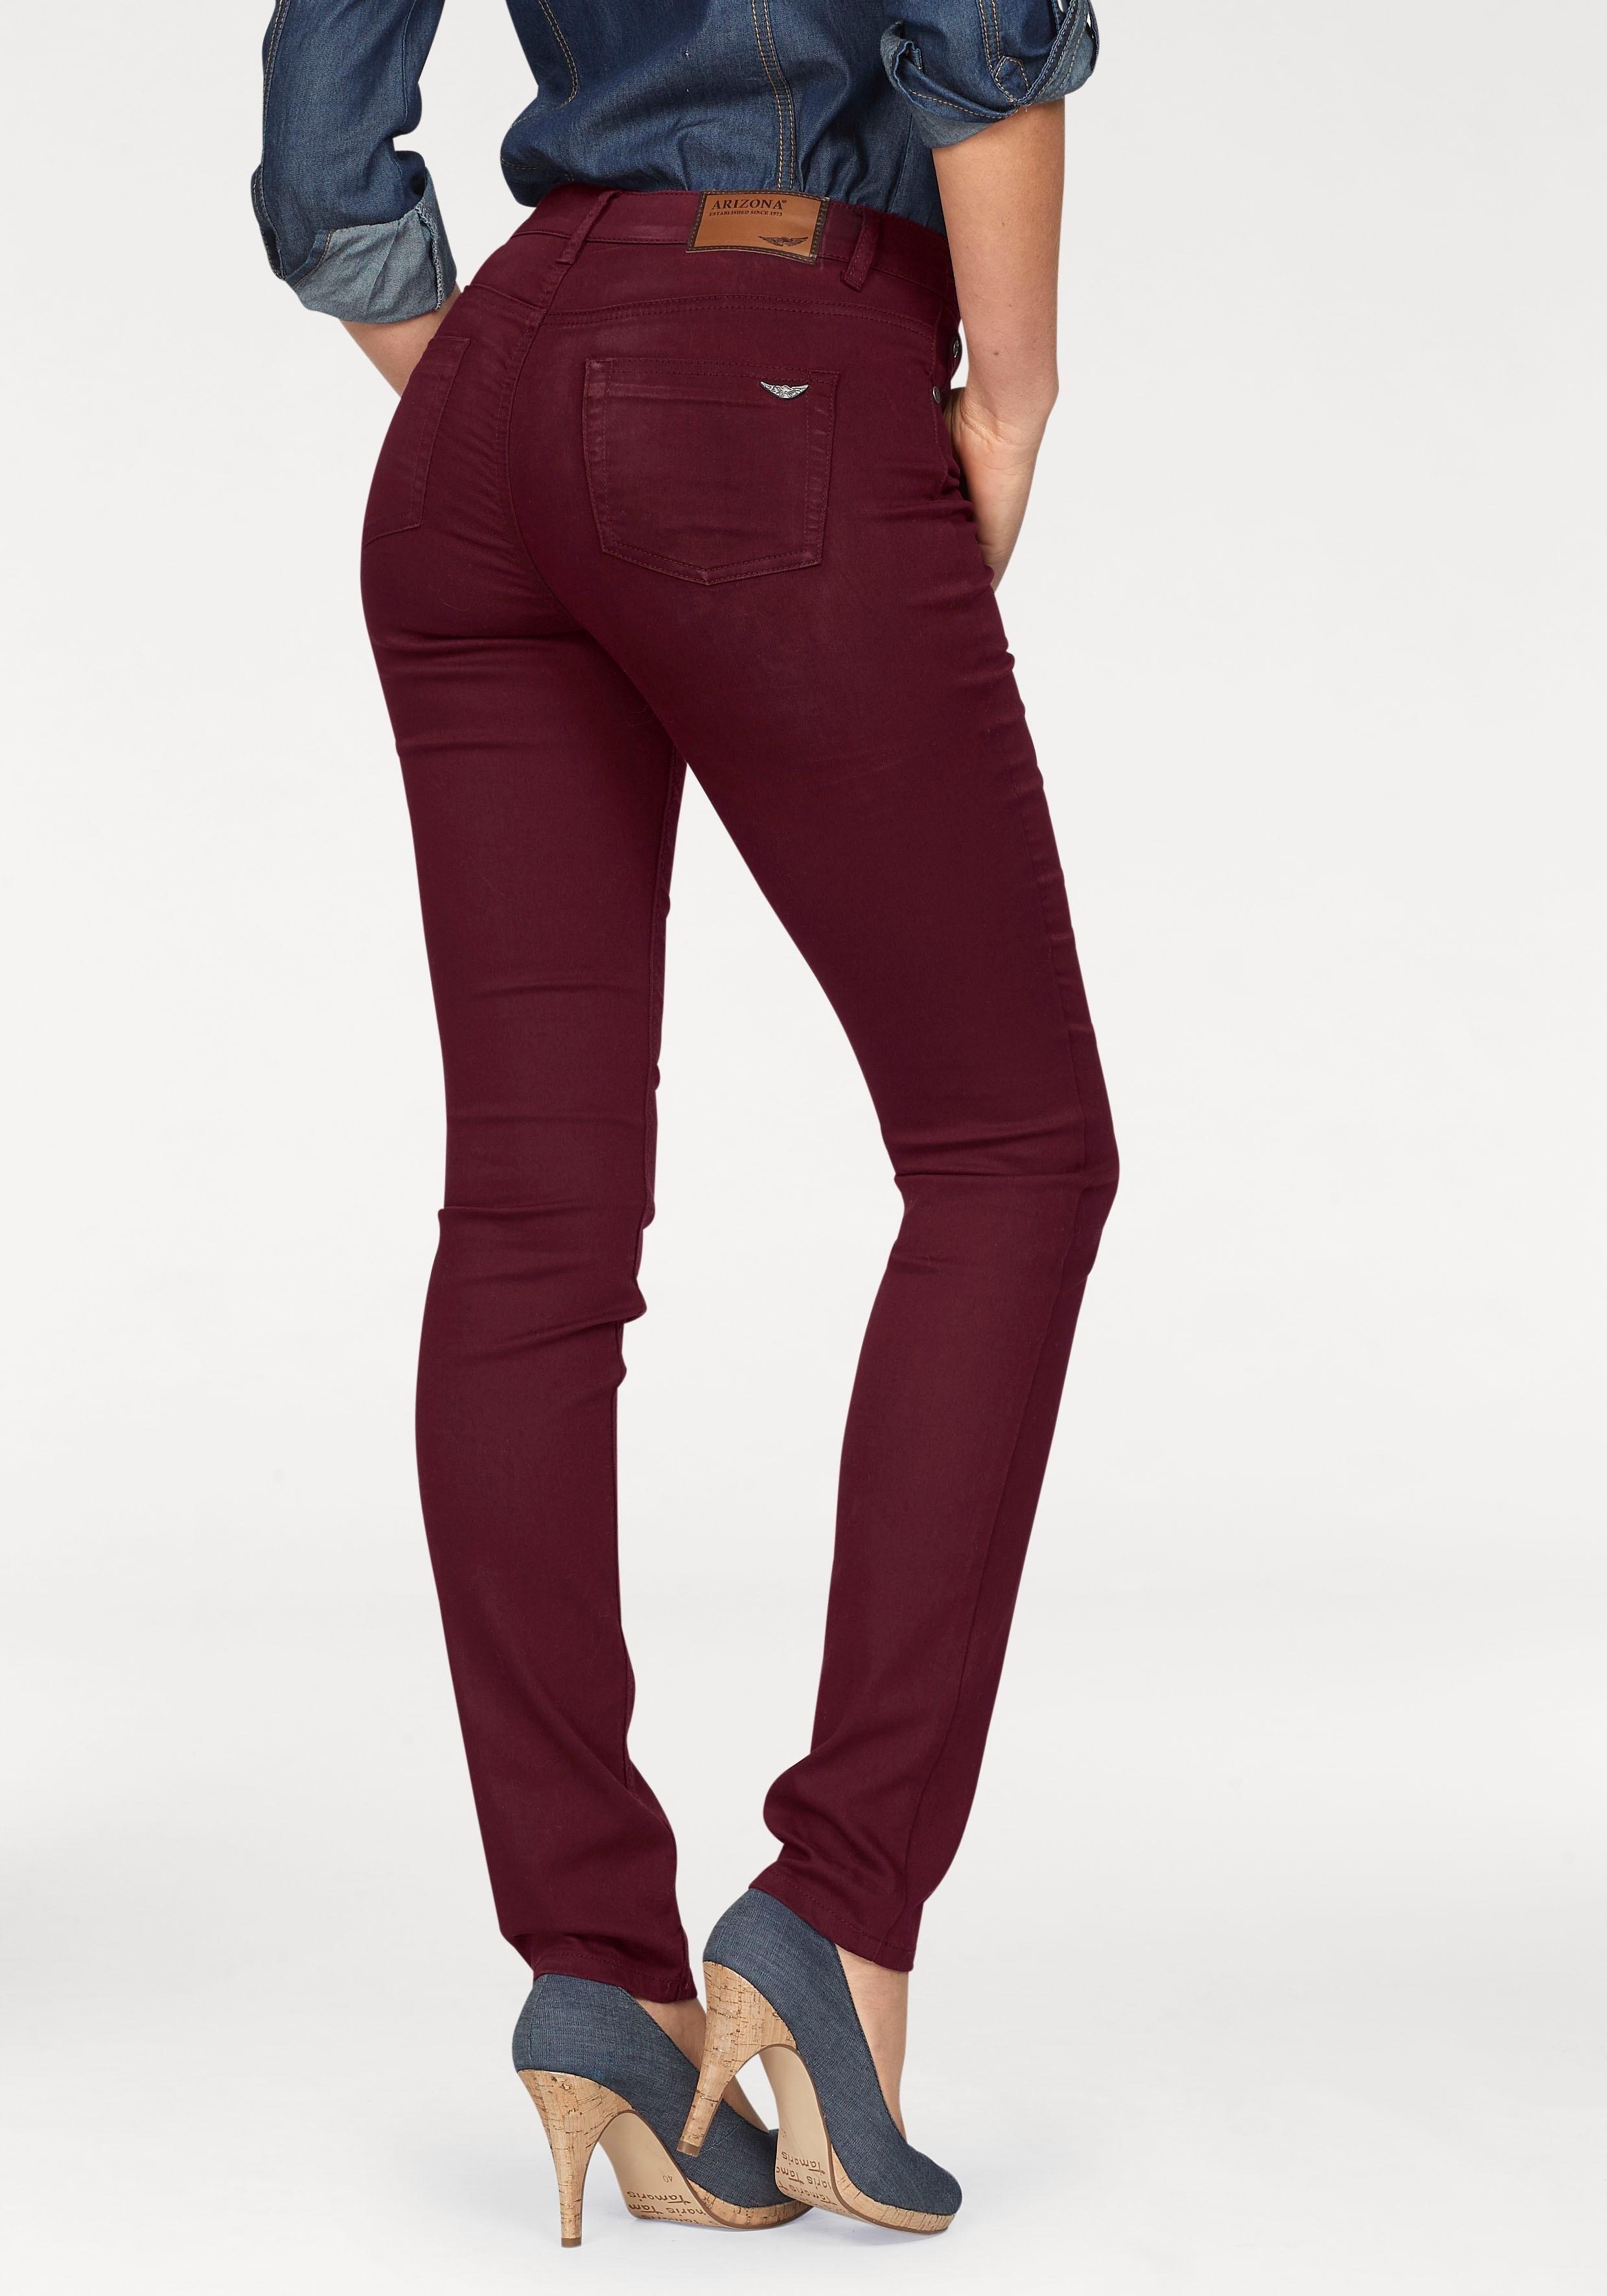 ARIZONA High Waist-jeans goedkoop op otto.nl kopen